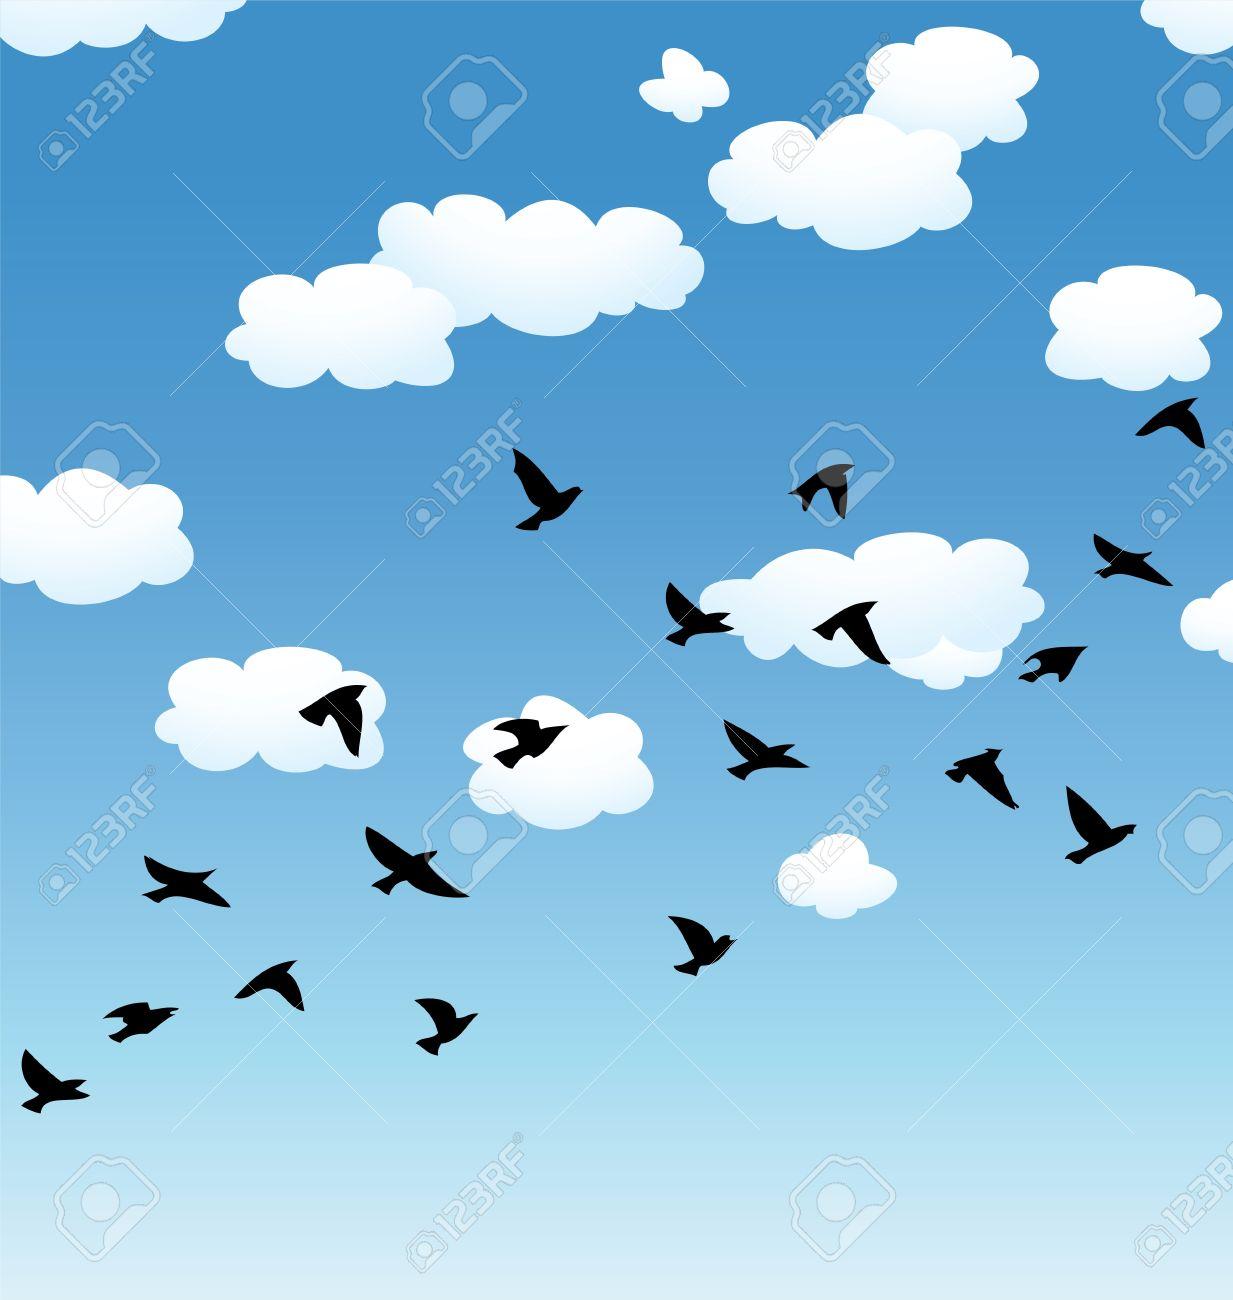 Le ciel clipart banner royalty free download Vecteur Vol D'oiseaux Volants Et Des Nuages ??dans Le Ciel Clip ... banner royalty free download